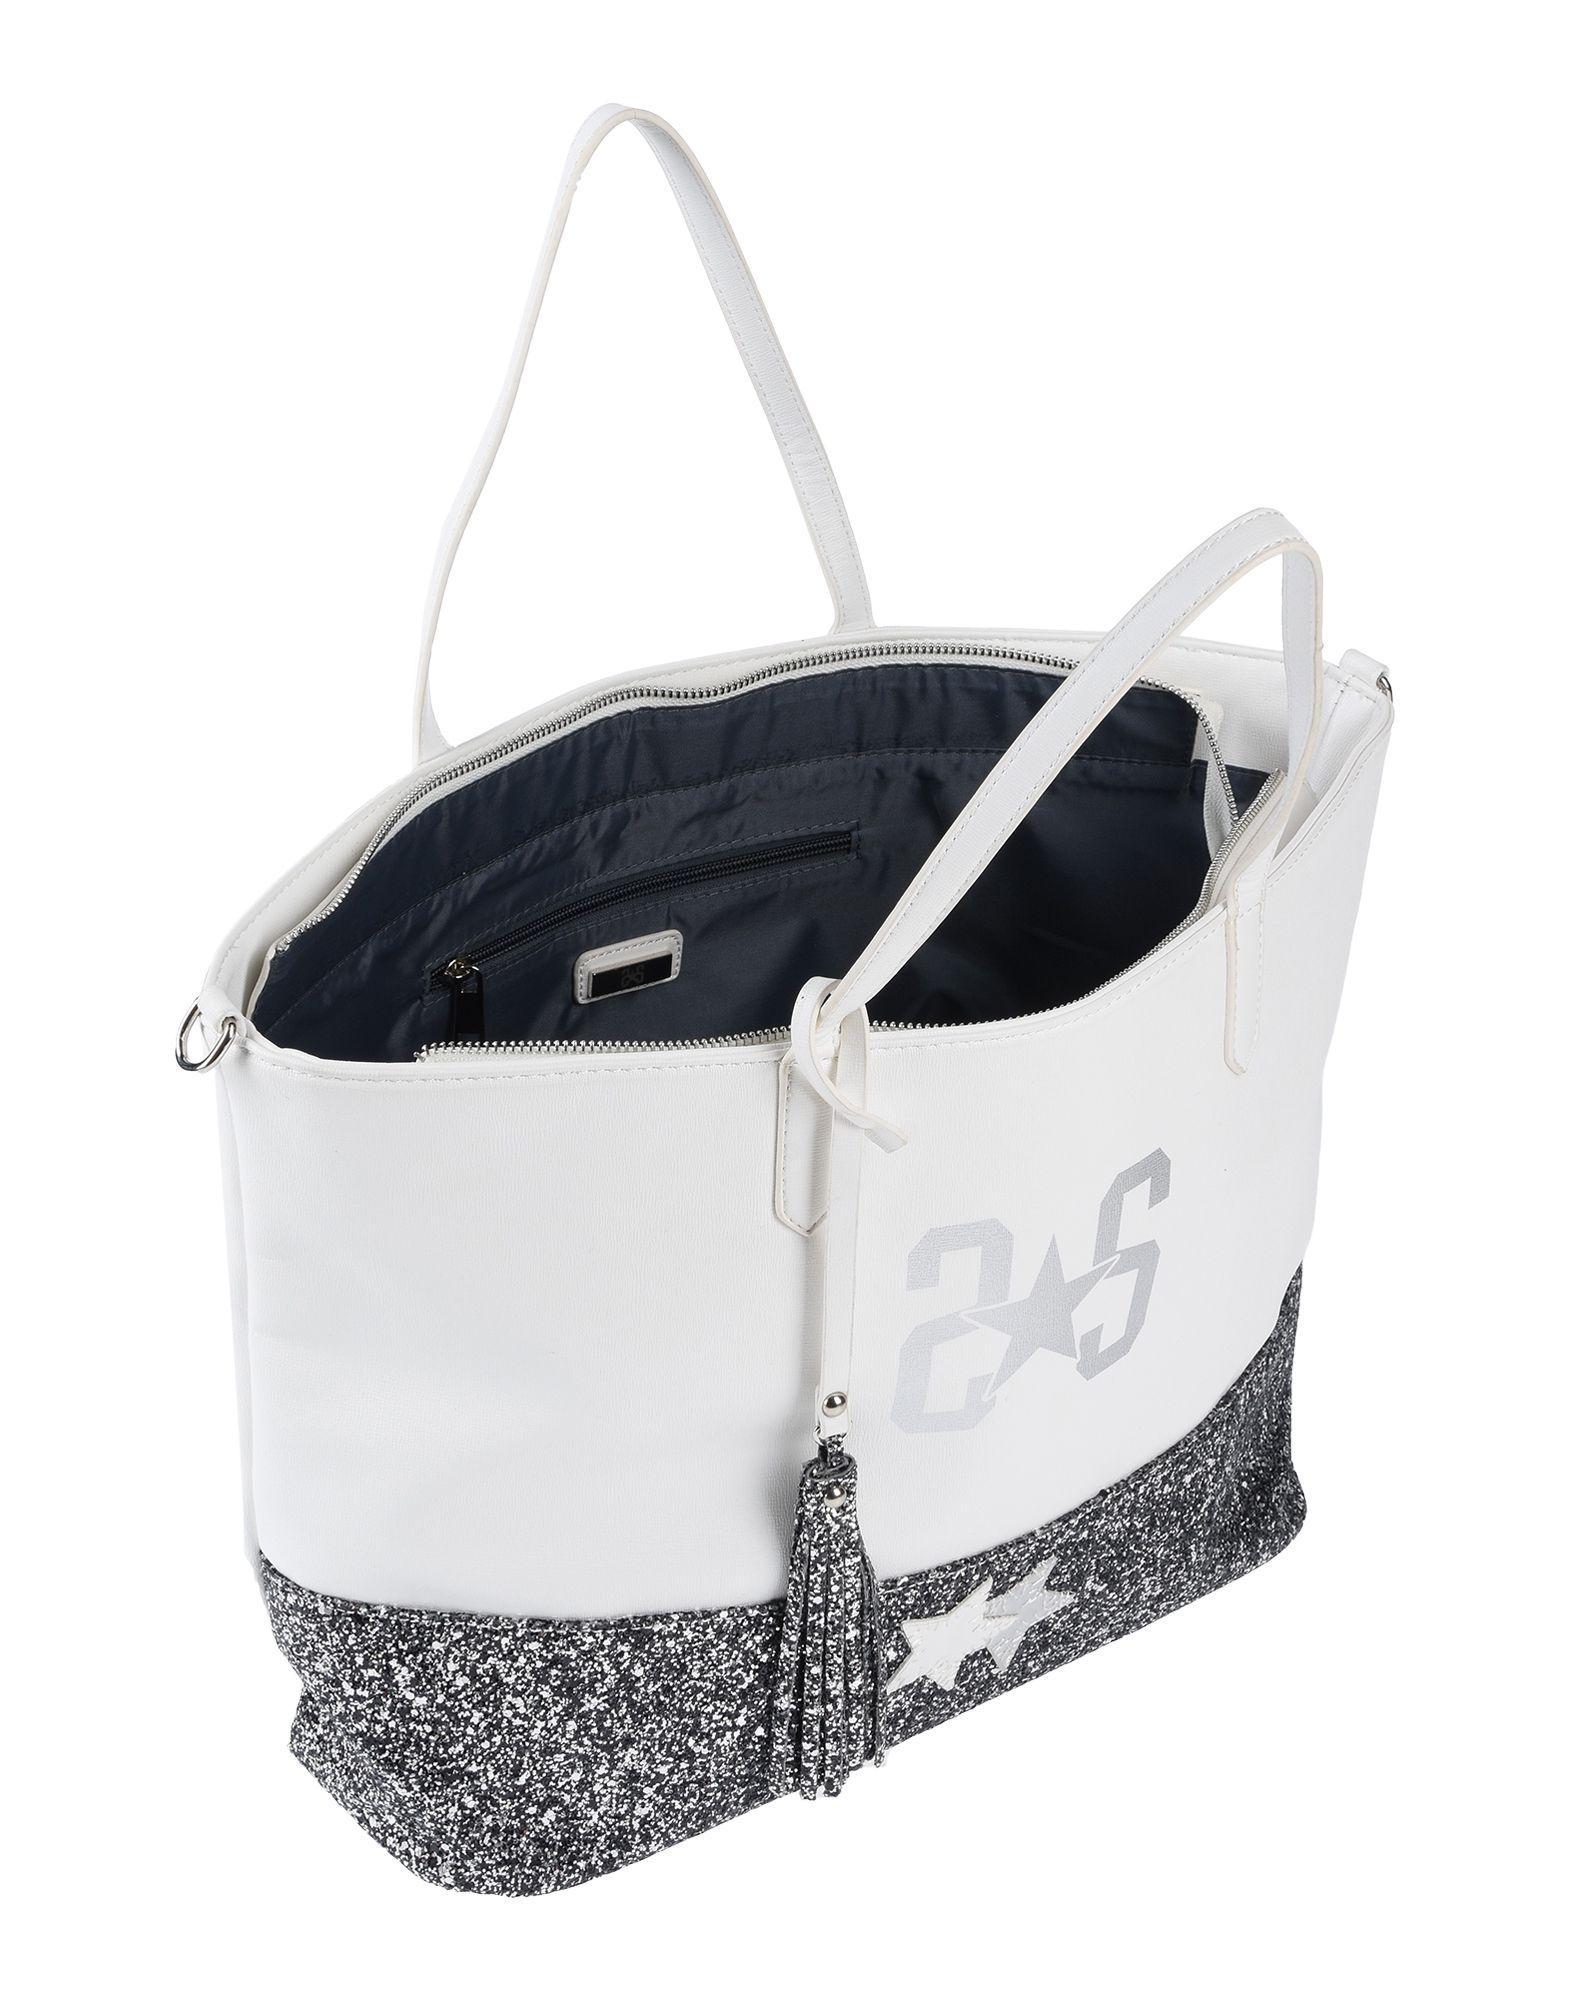 2Star Handtaschen in Weiß nNXva